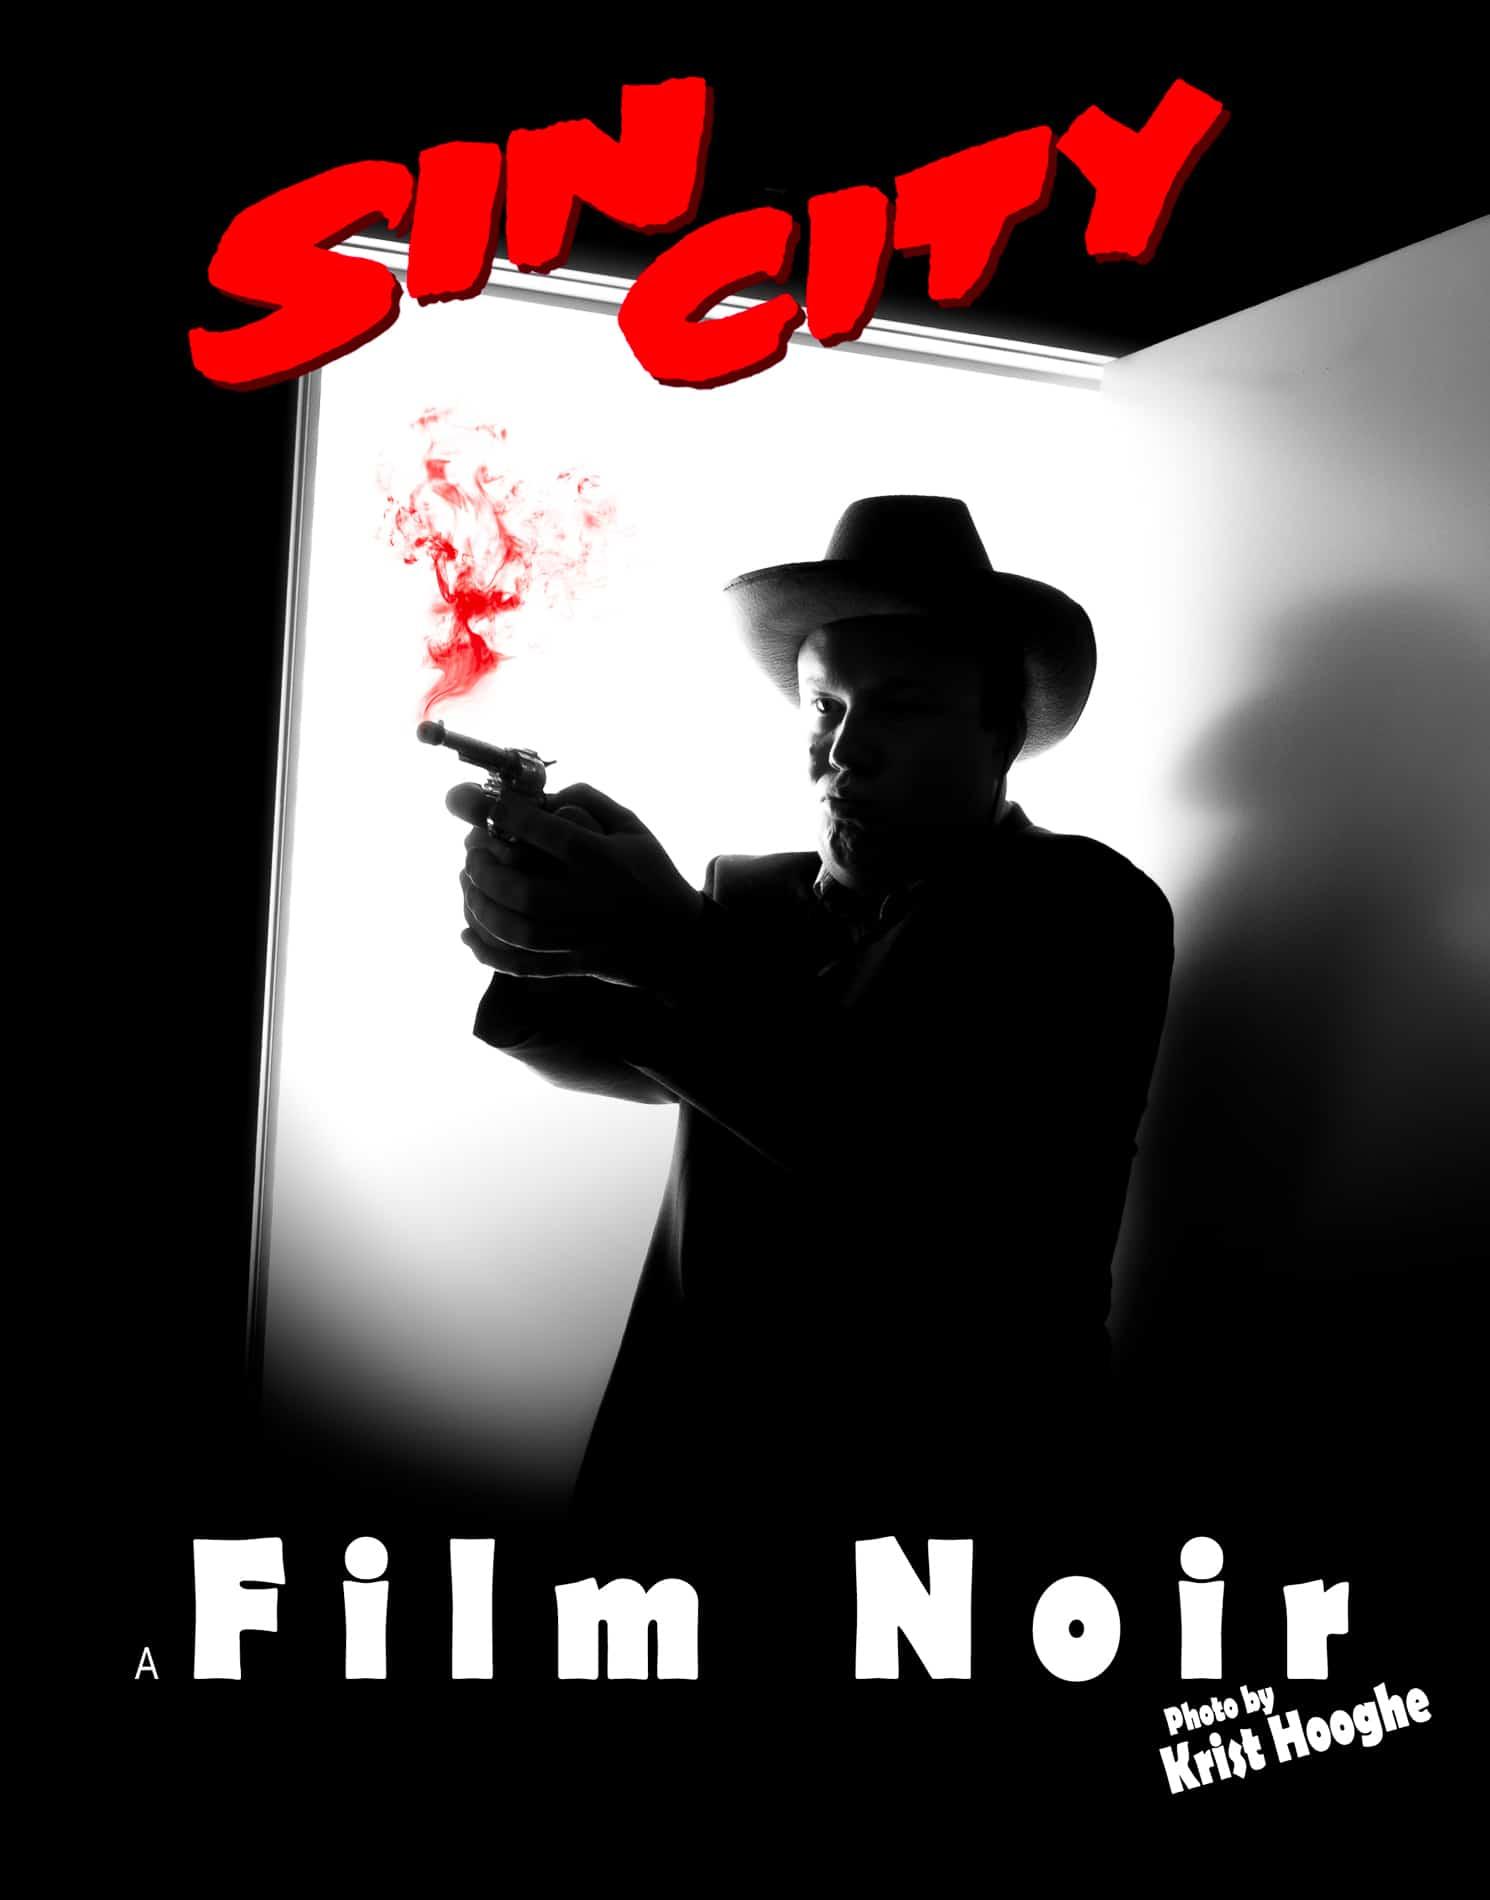 Film Noir Selfie